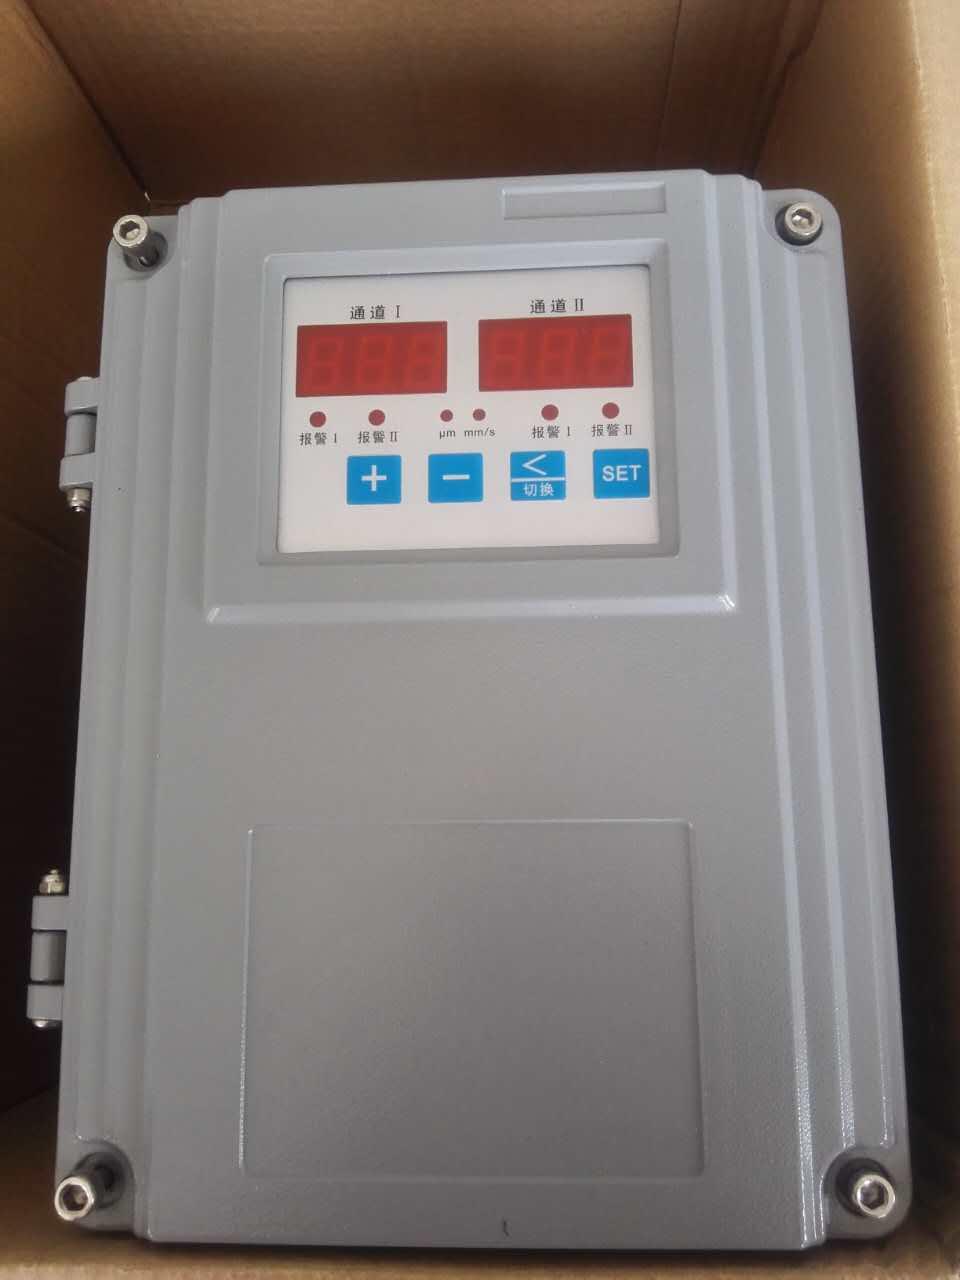 CZJ-B3G B4G TS-V-5HY-5V wall-mounted vibration monitoring protector vibration monitoring instrumentCZJ-B3G B4G TS-V-5HY-5V wall-mounted vibration monitoring protector vibration monitoring instrument